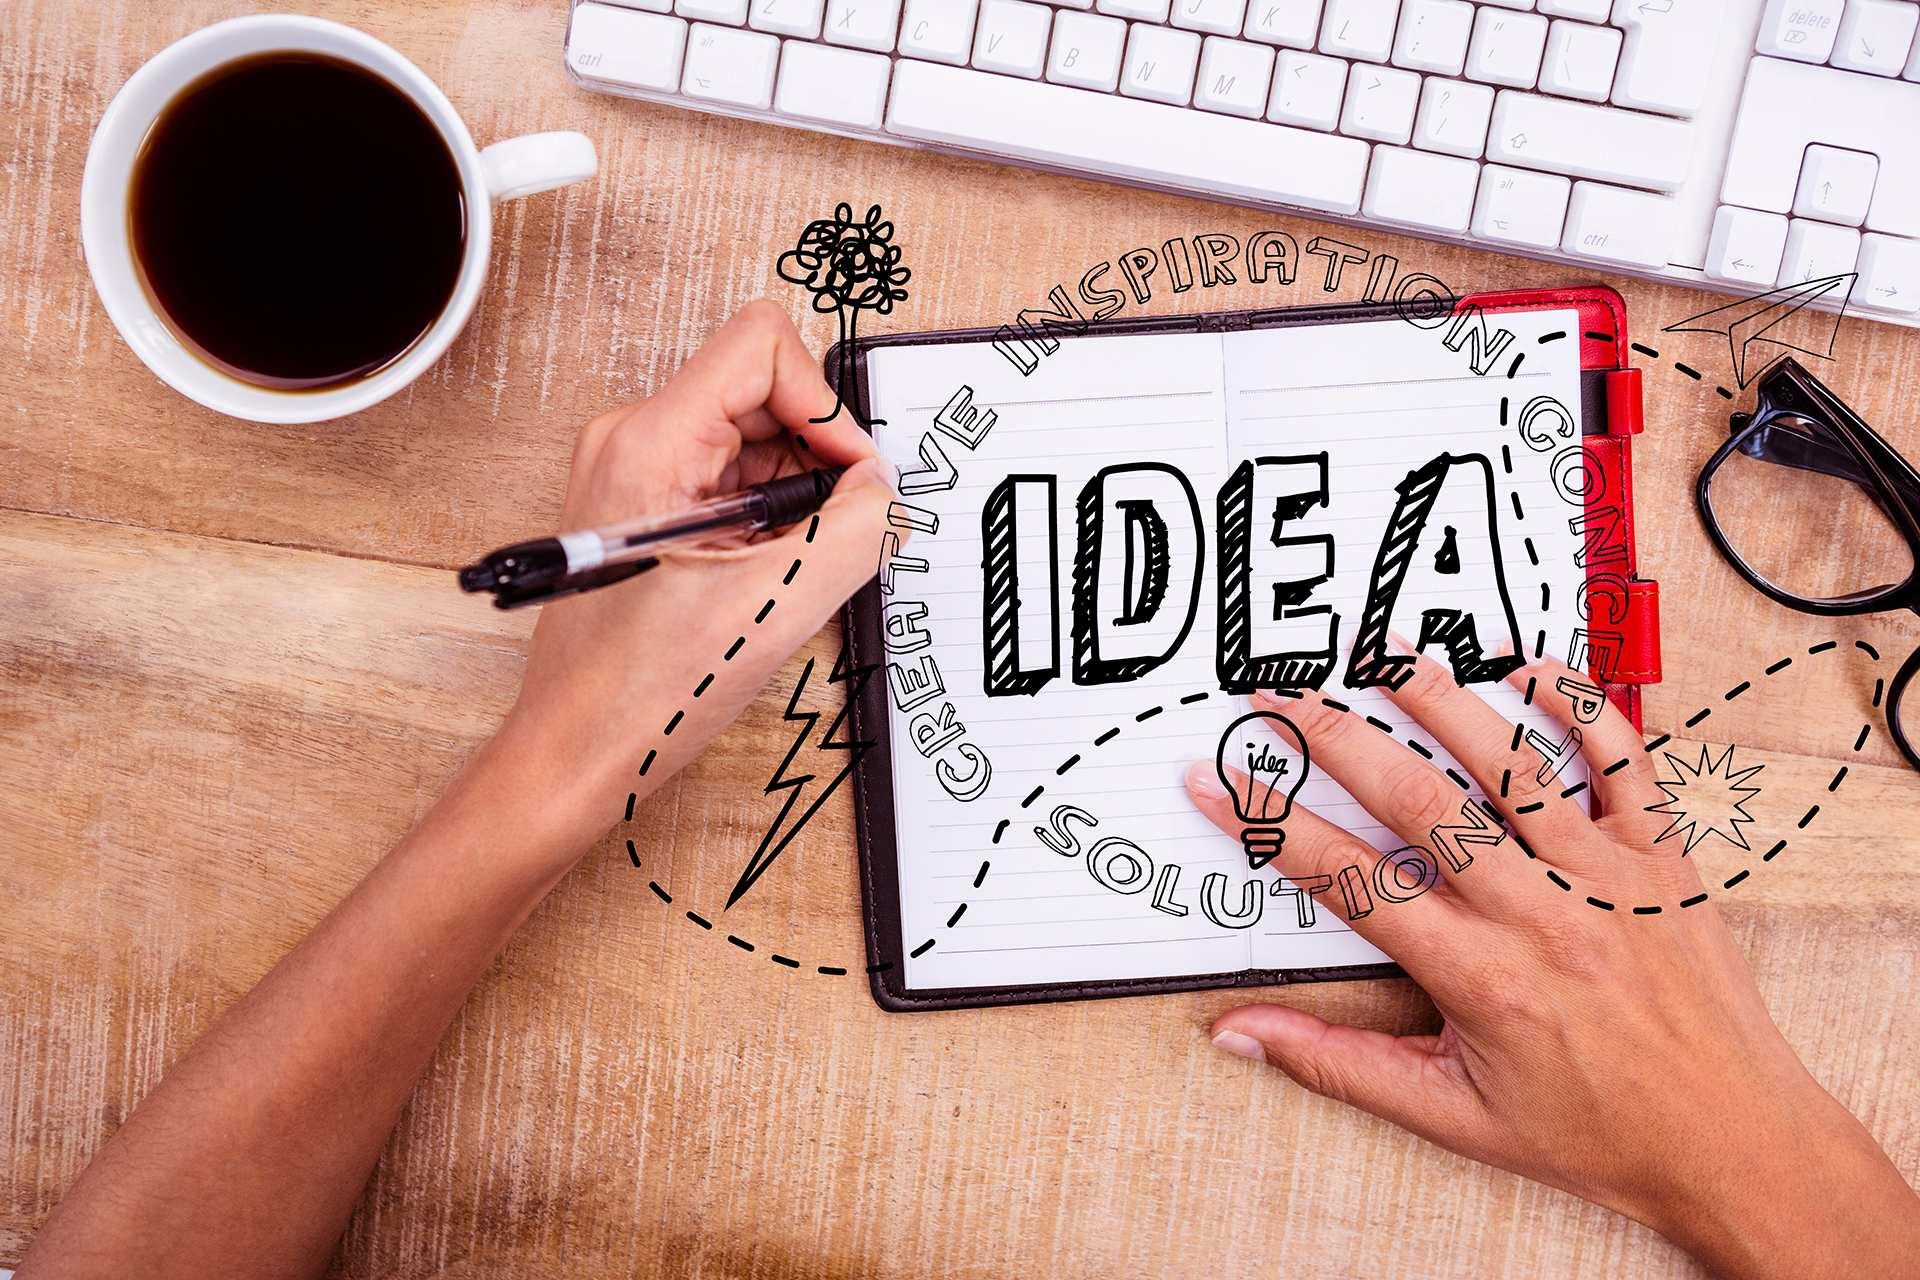 Non sai cosa scrivere sul blog? Ecco 3 domande infallibili!